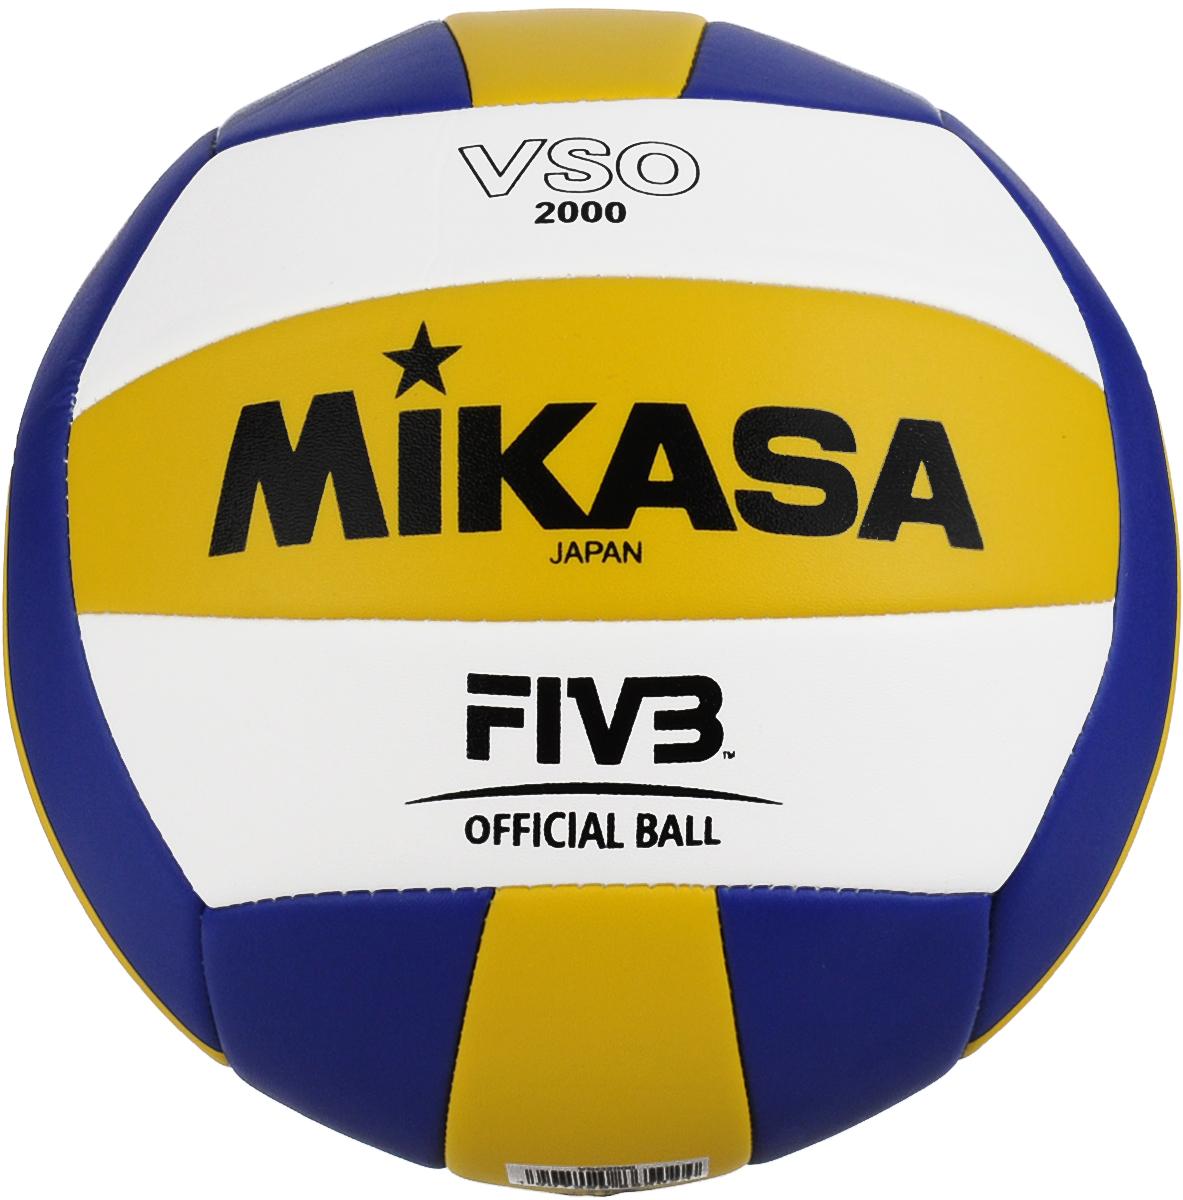 Мяч волейбольный Mikasa VSO 2000. Размер 5УТ-00001290Облегченный мяч Mikasa VSO 2000 предназначен для тренировок начинающих волейболистов и любителей. Изделие состоит из 18 панелей, выполненных из синтетической кожи. Камера изготовлена из бутила. Технология сшивки панелей TwinSTLock обеспечивает долговечность и прочность, как у клееного мяча. УВАЖЕМЫЕ КЛИЕНТЫ! Обращаем ваше внимание на тот факт, что мяч поставляется в сдутом виде. Насос в комплект не входит.